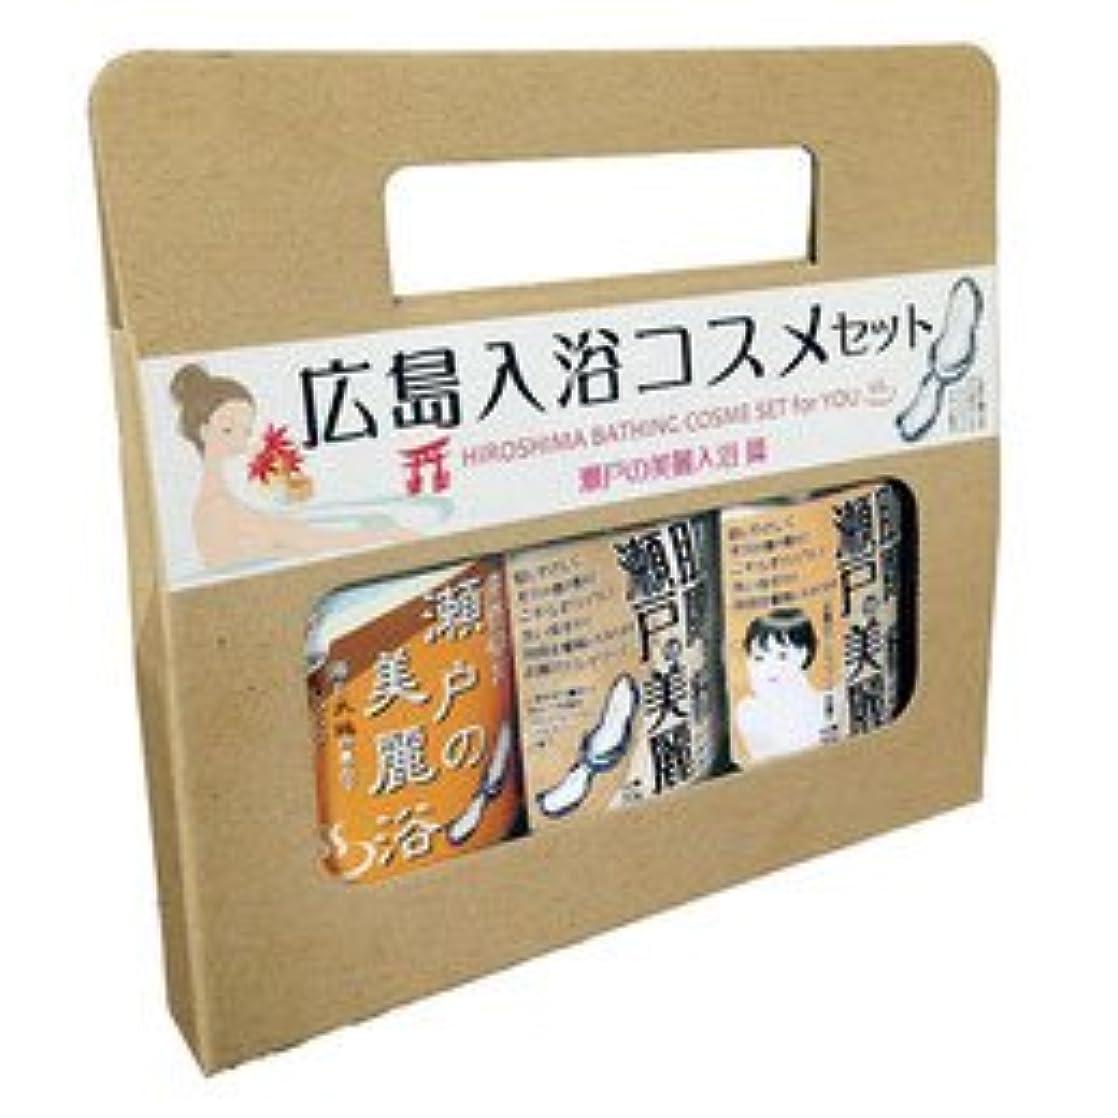 明示的に裁定影のある広島入浴??????瀬戸美麗3袋入 #767019【石井五商店】